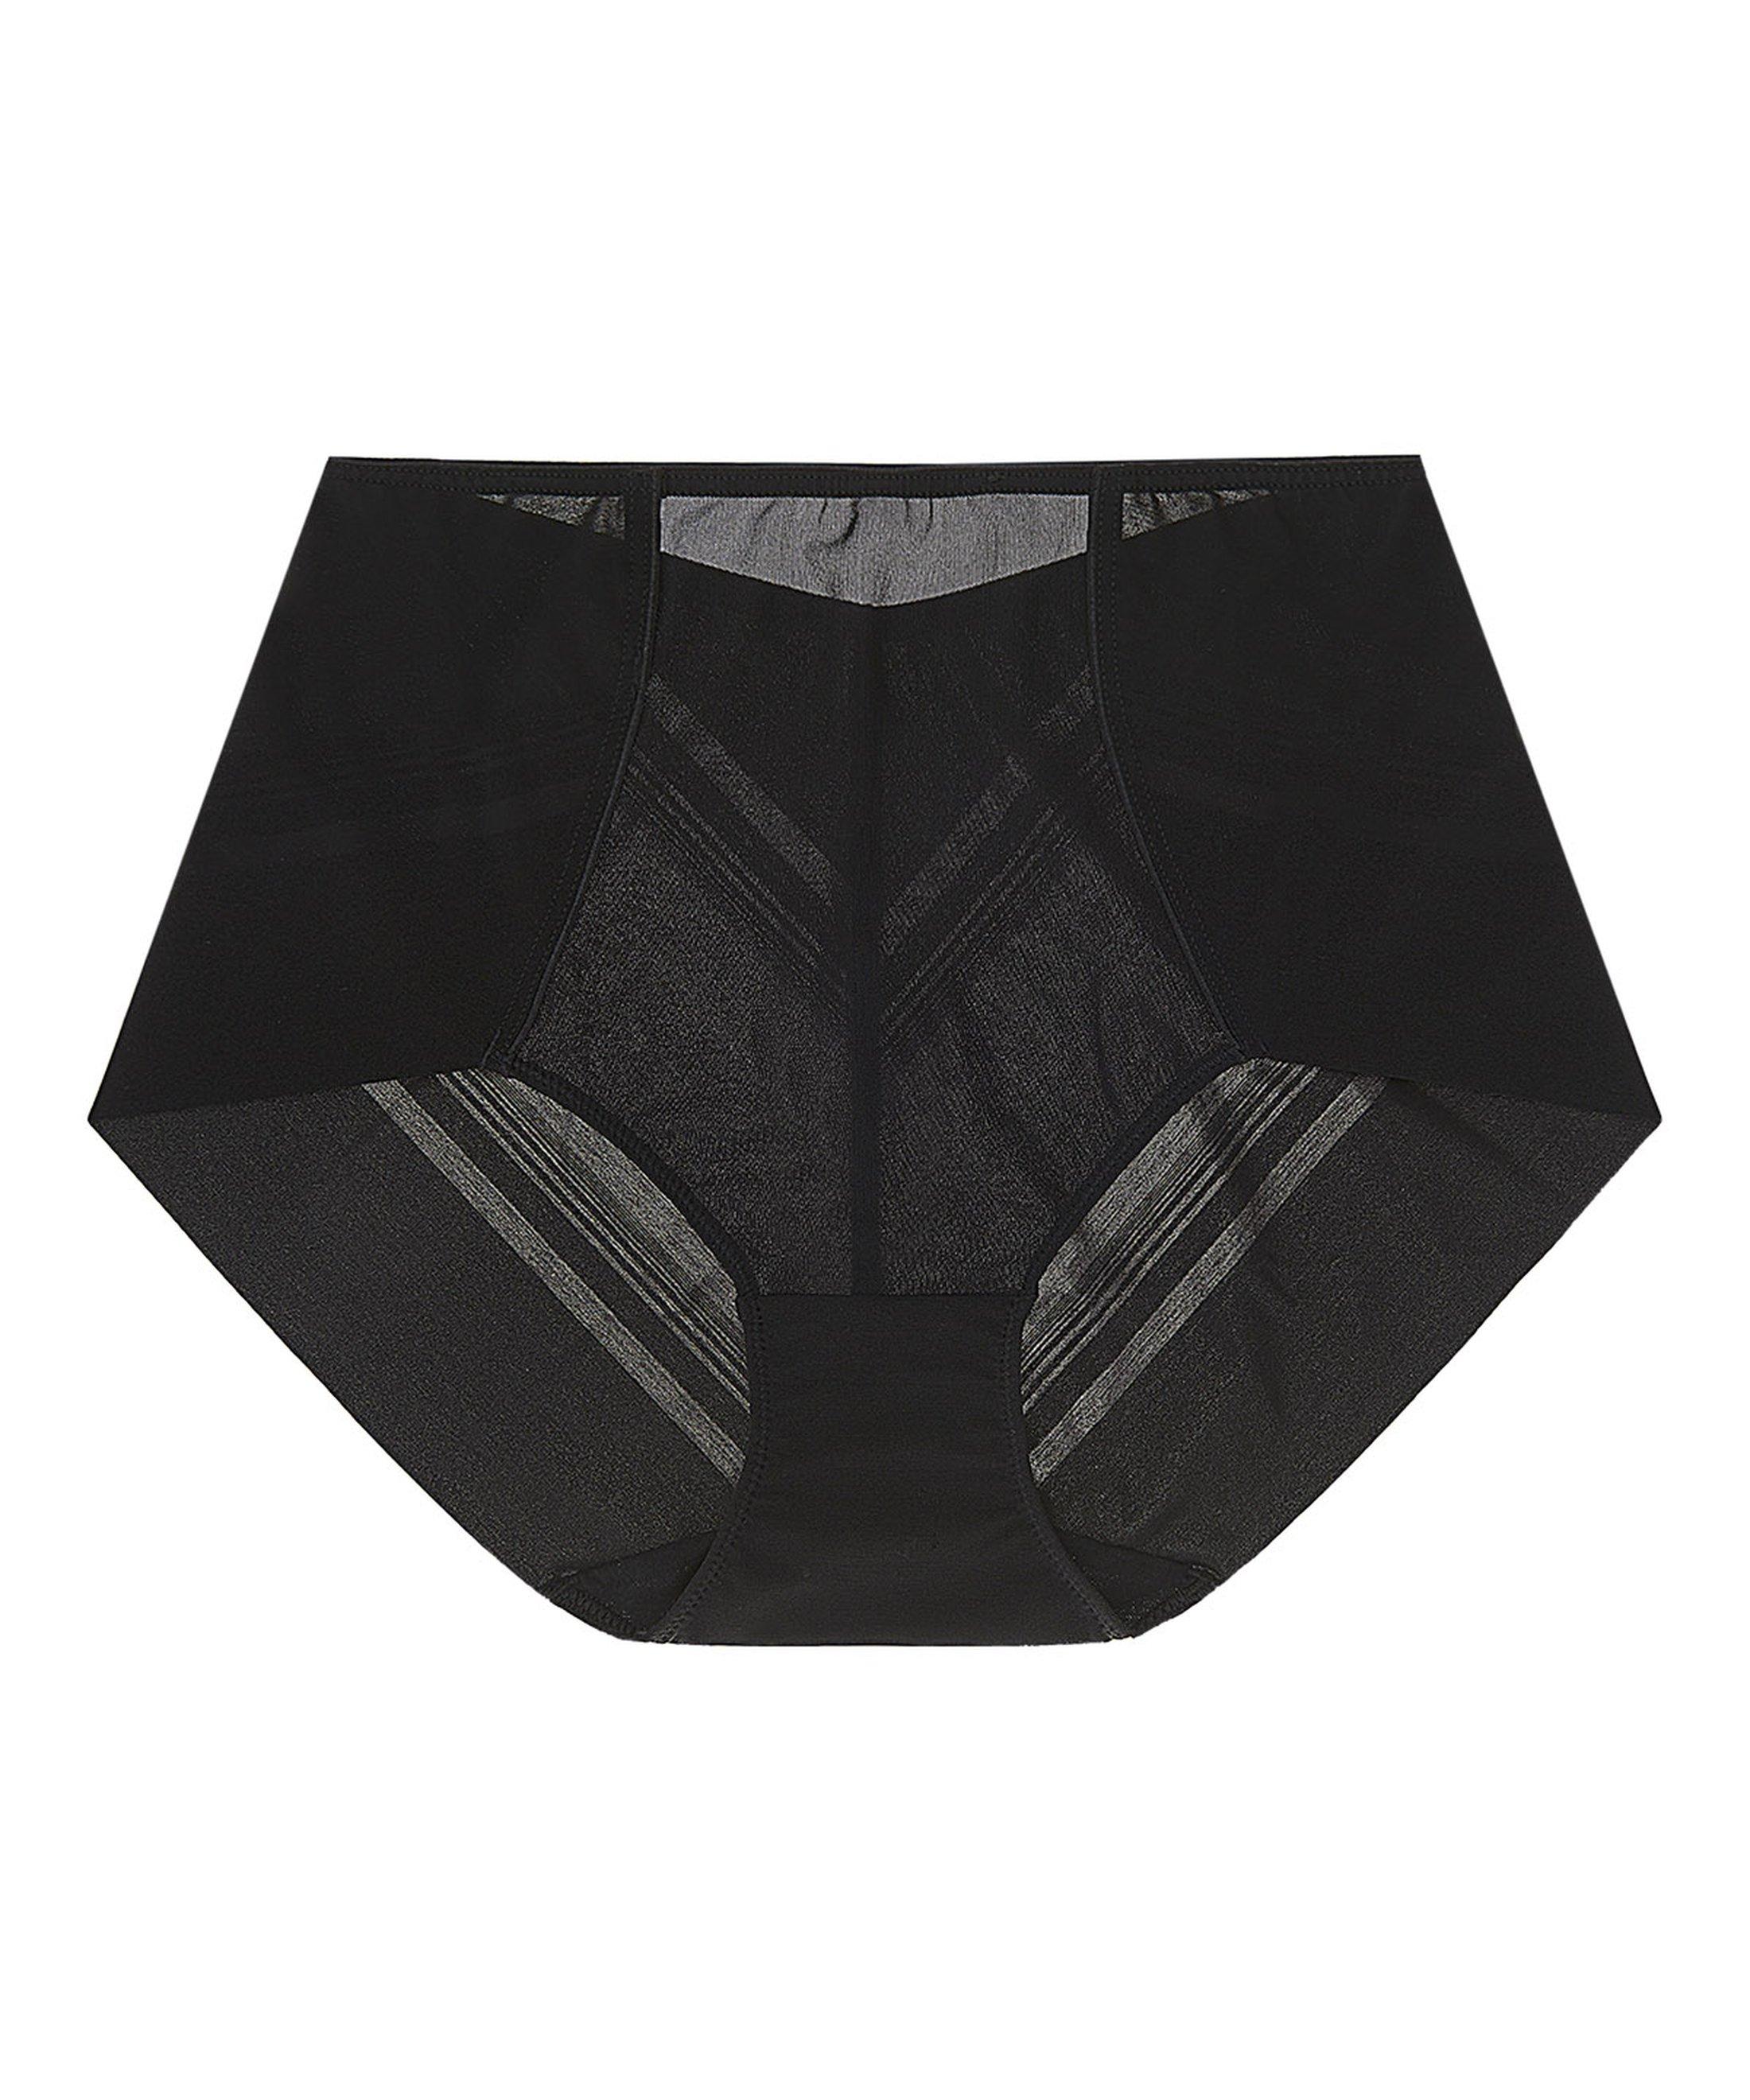 BEAUTY SCULPT Culotte Sculptante Noir | Aubade